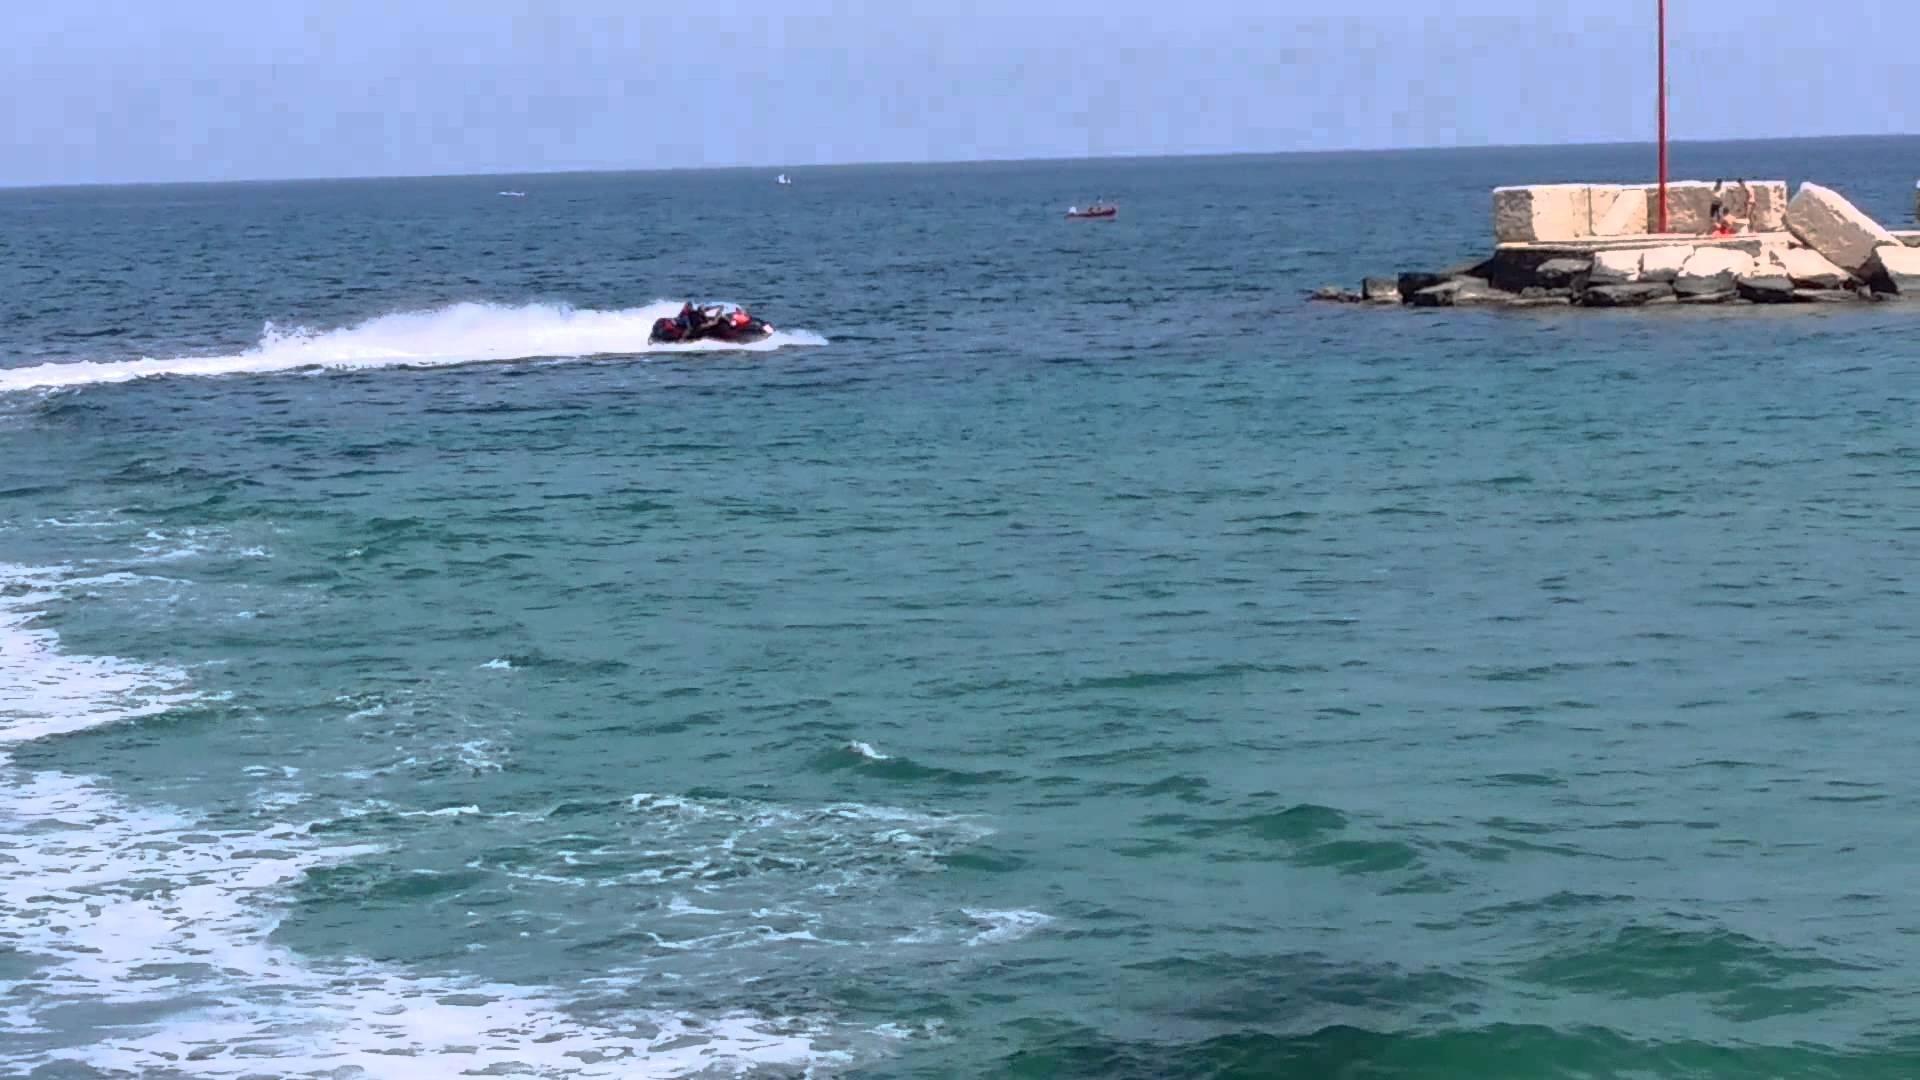 Bari rischio incolumità bagnanti, Guardia Costiera annuncia linea dura contro gli acquascooter